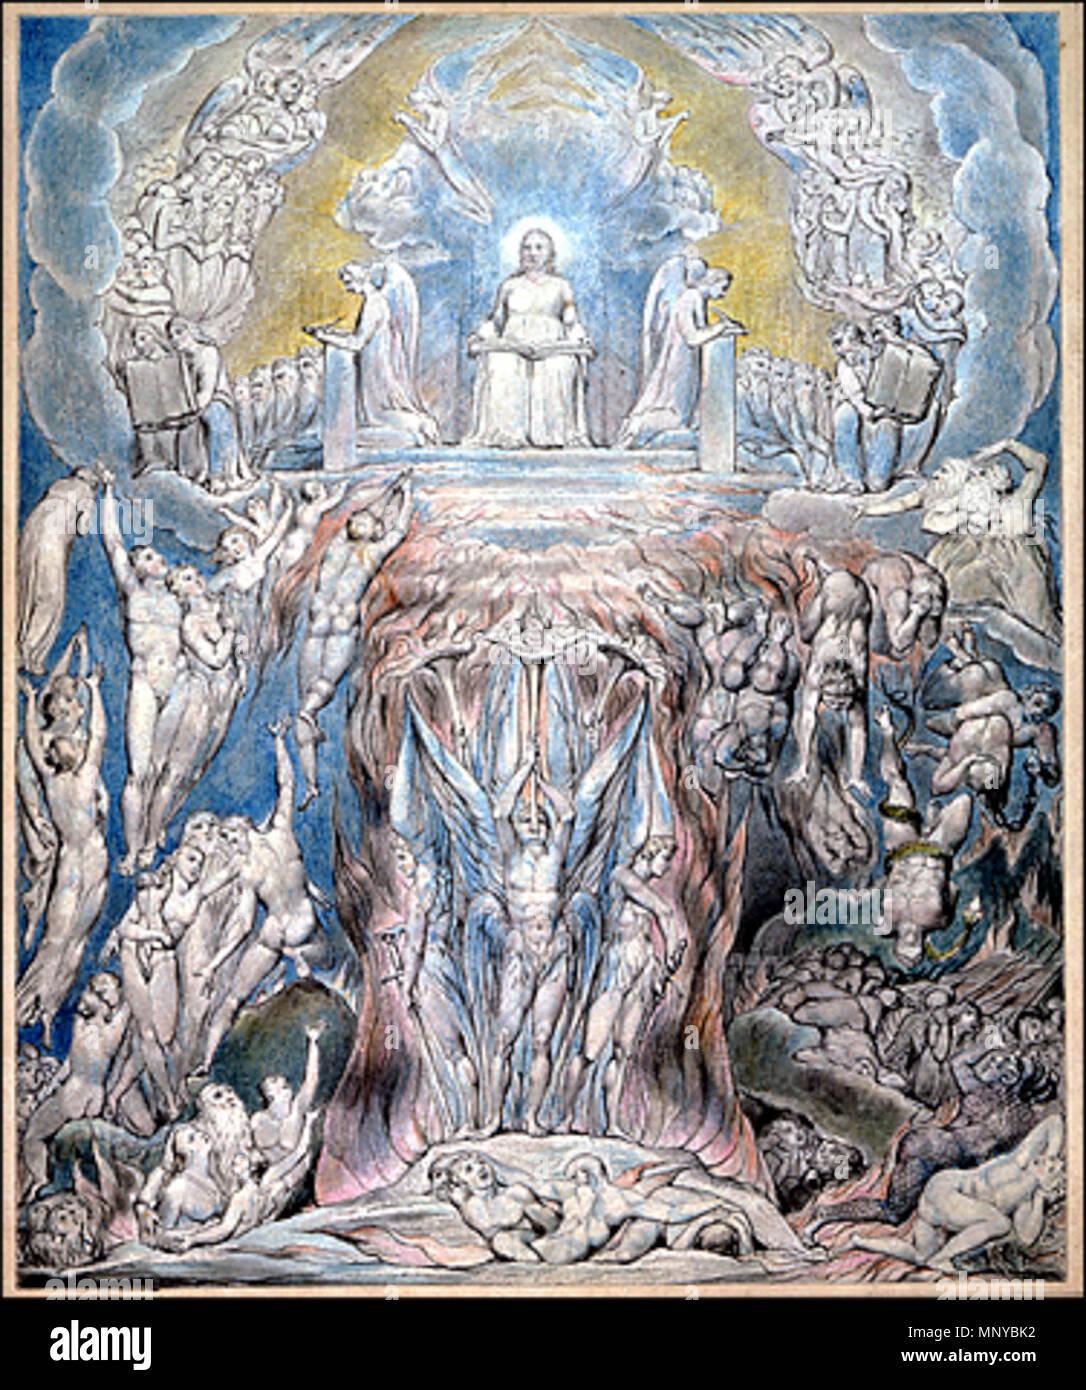 Eine Vision Des Jüngsten Gerichts Englisch Eine Von William Blakes